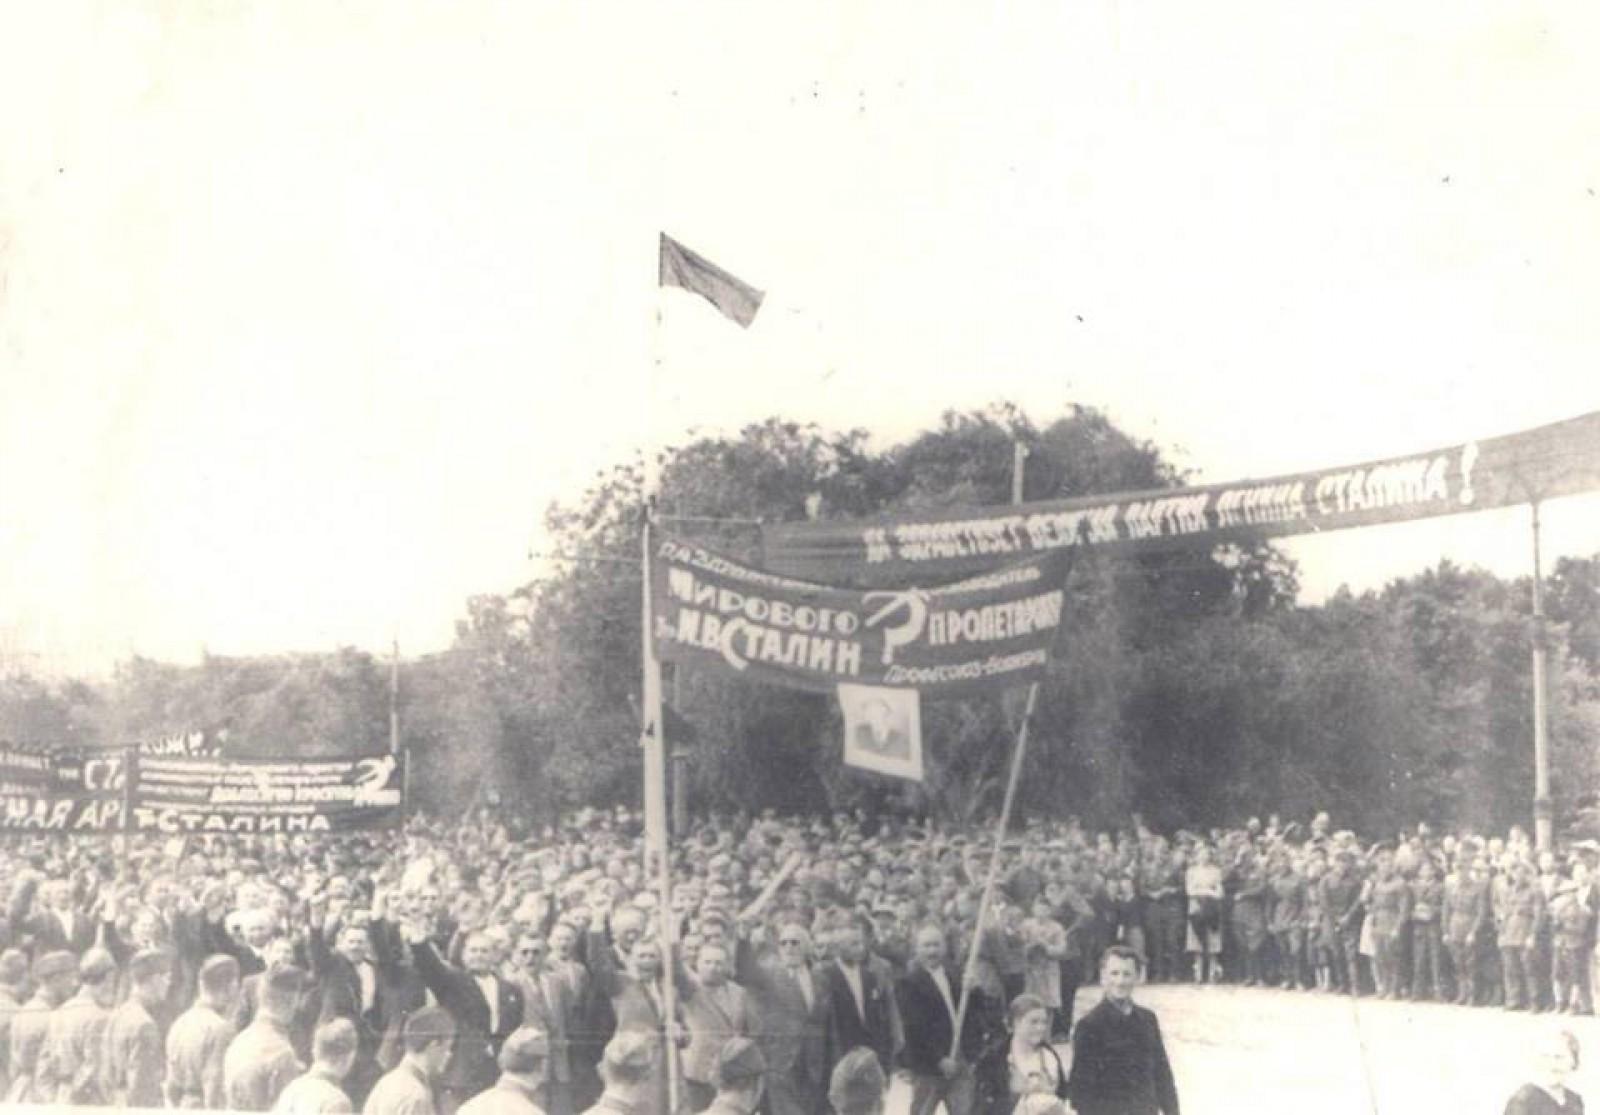 Imagini pentru ocupația sovietica a basarabiei photos